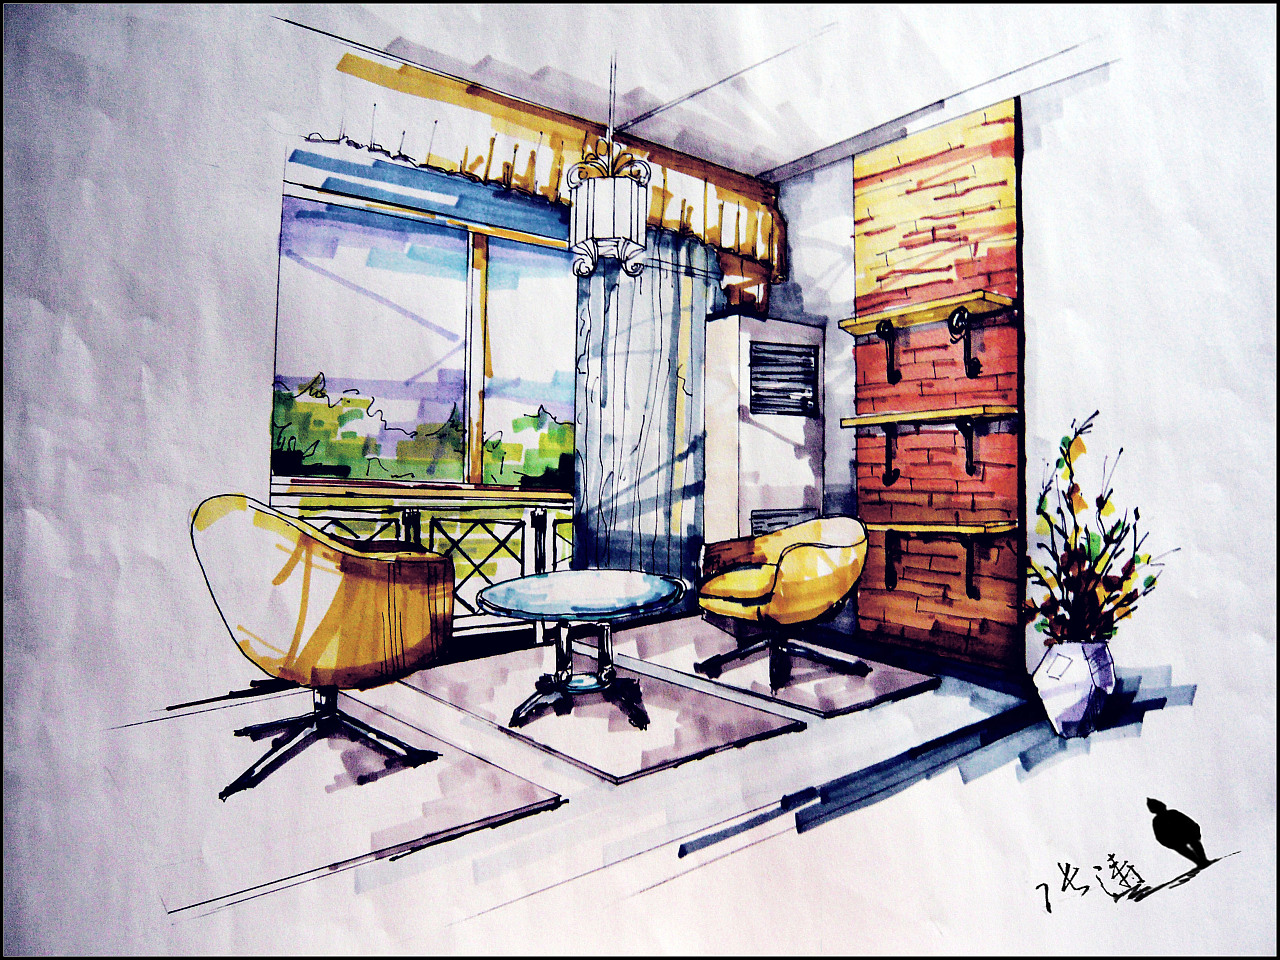 室内设计效果图手绘_手绘室内效果图|插画|插画习作|鬼魅麽麽 - 原创作品 - 站酷 (ZCOOL)